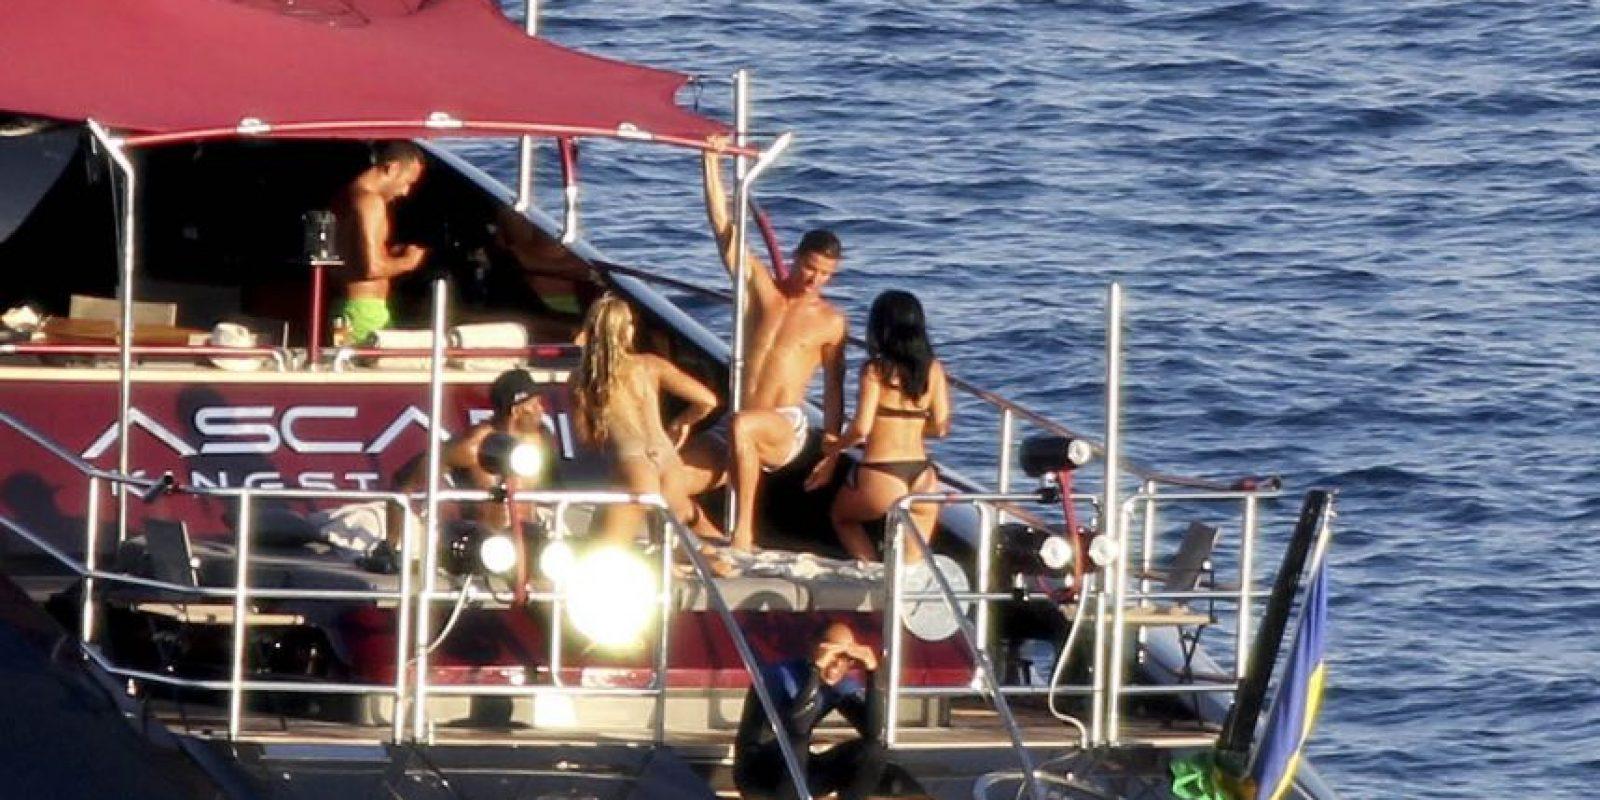 Así disfruta Cristiano Ronaldo sus vacaciones Foto:Grosby Group